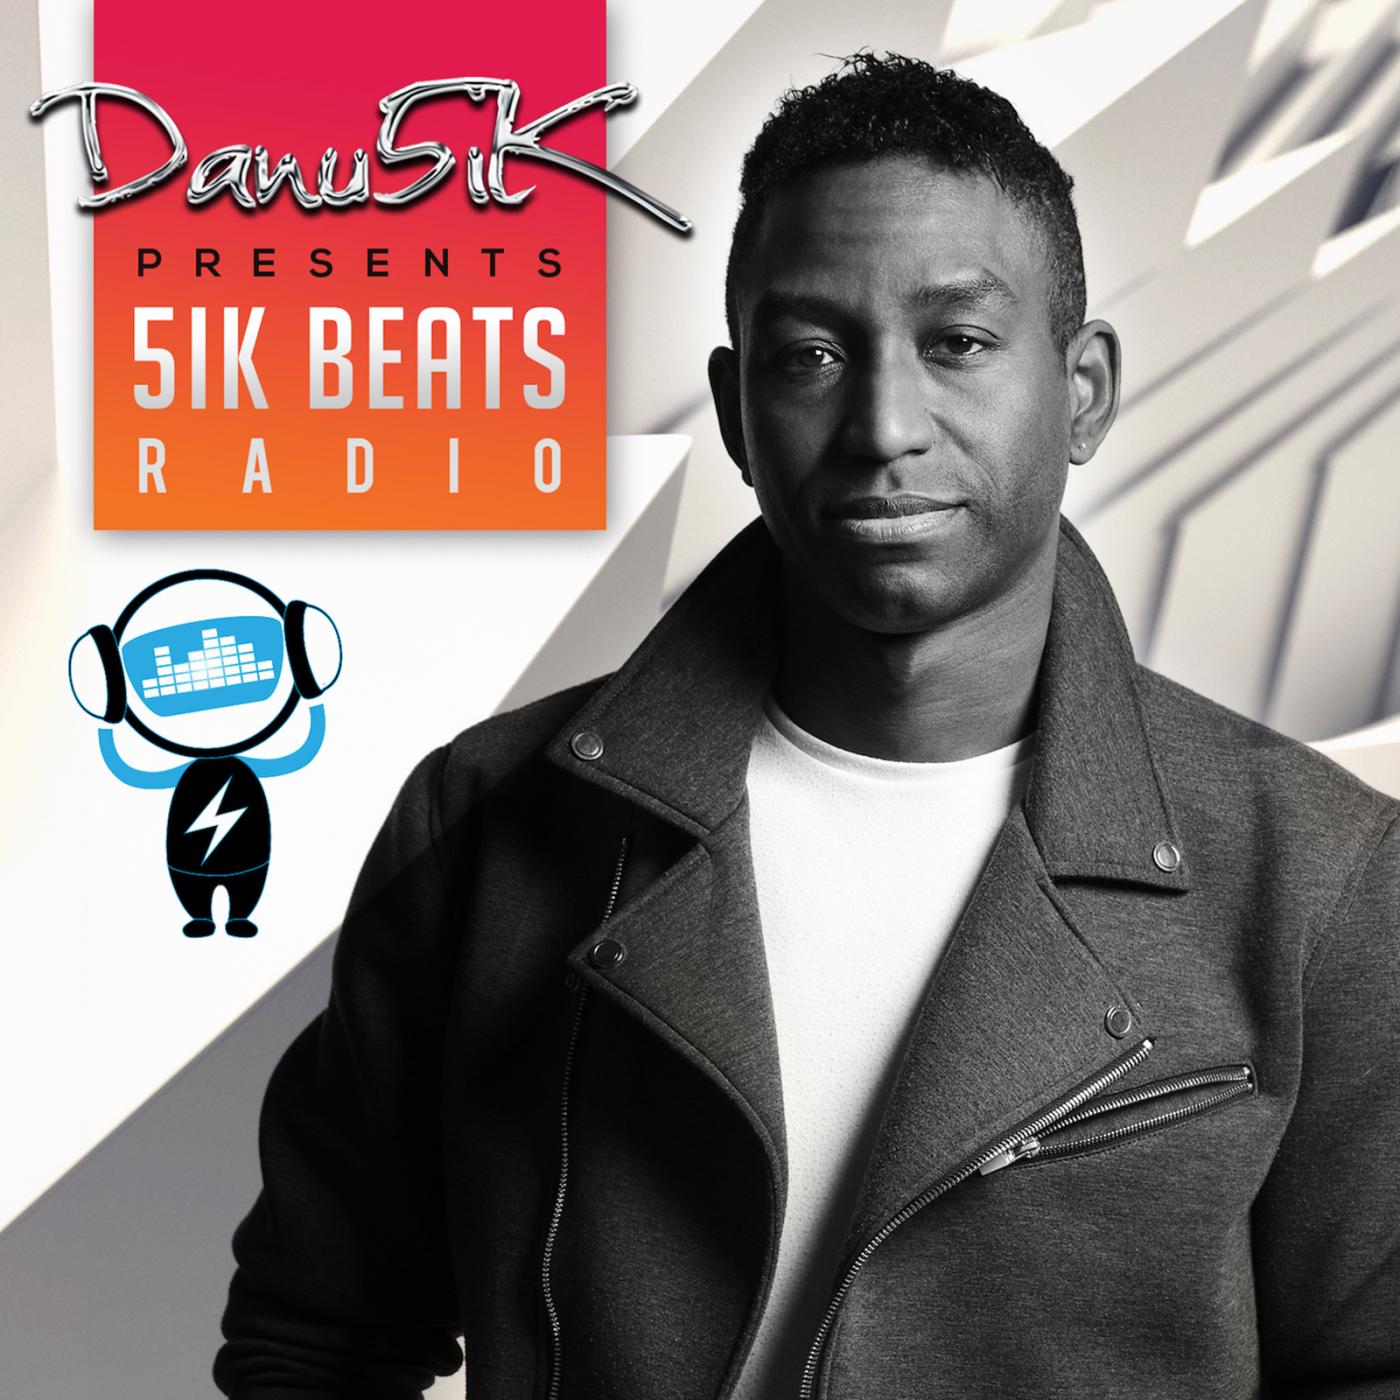 5ik Beats Radio 090 | Danu5ik